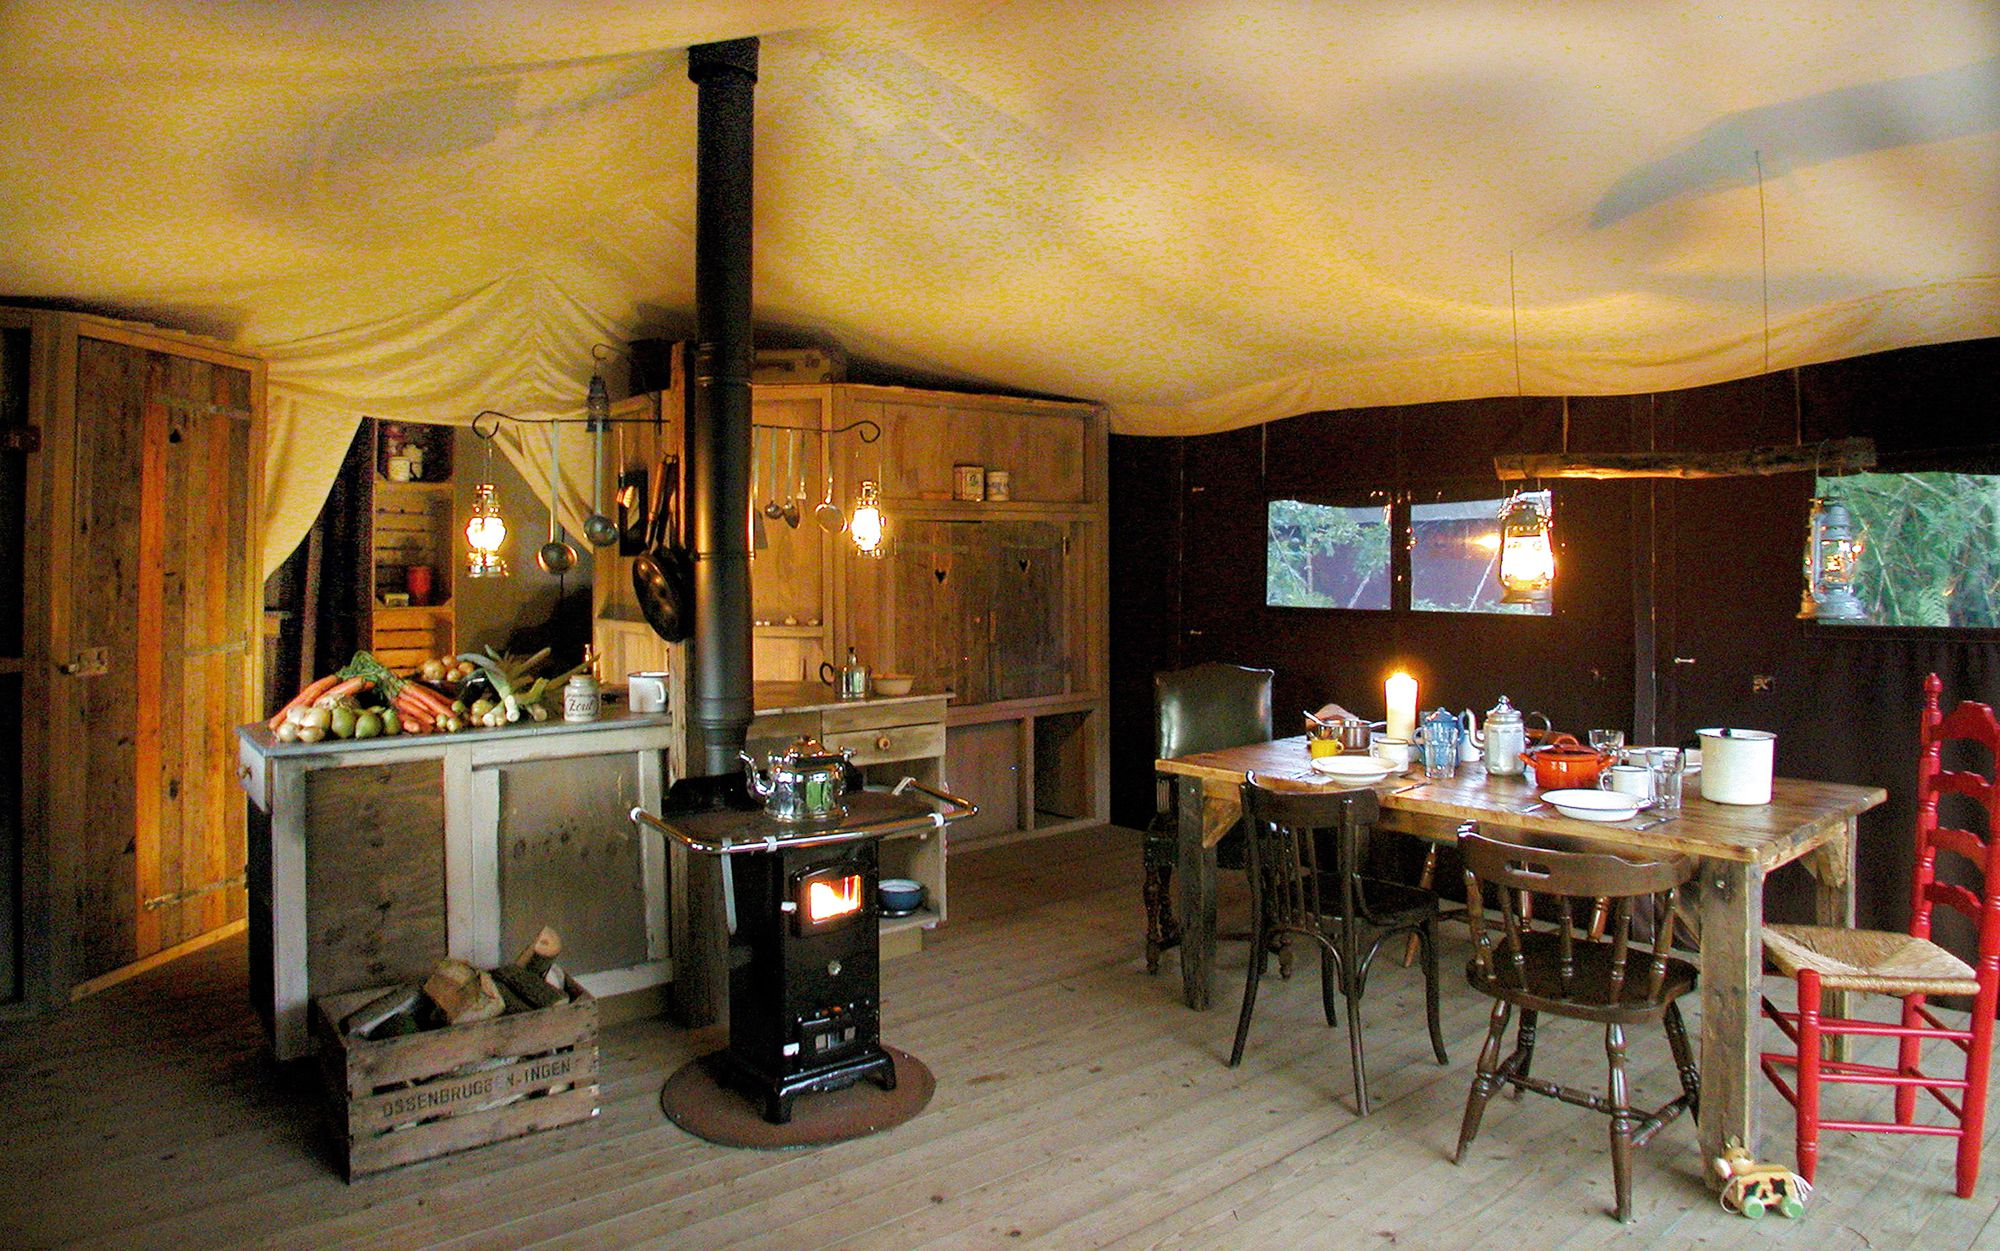 Feather Down Farm's East Shilvinghampton Campsite